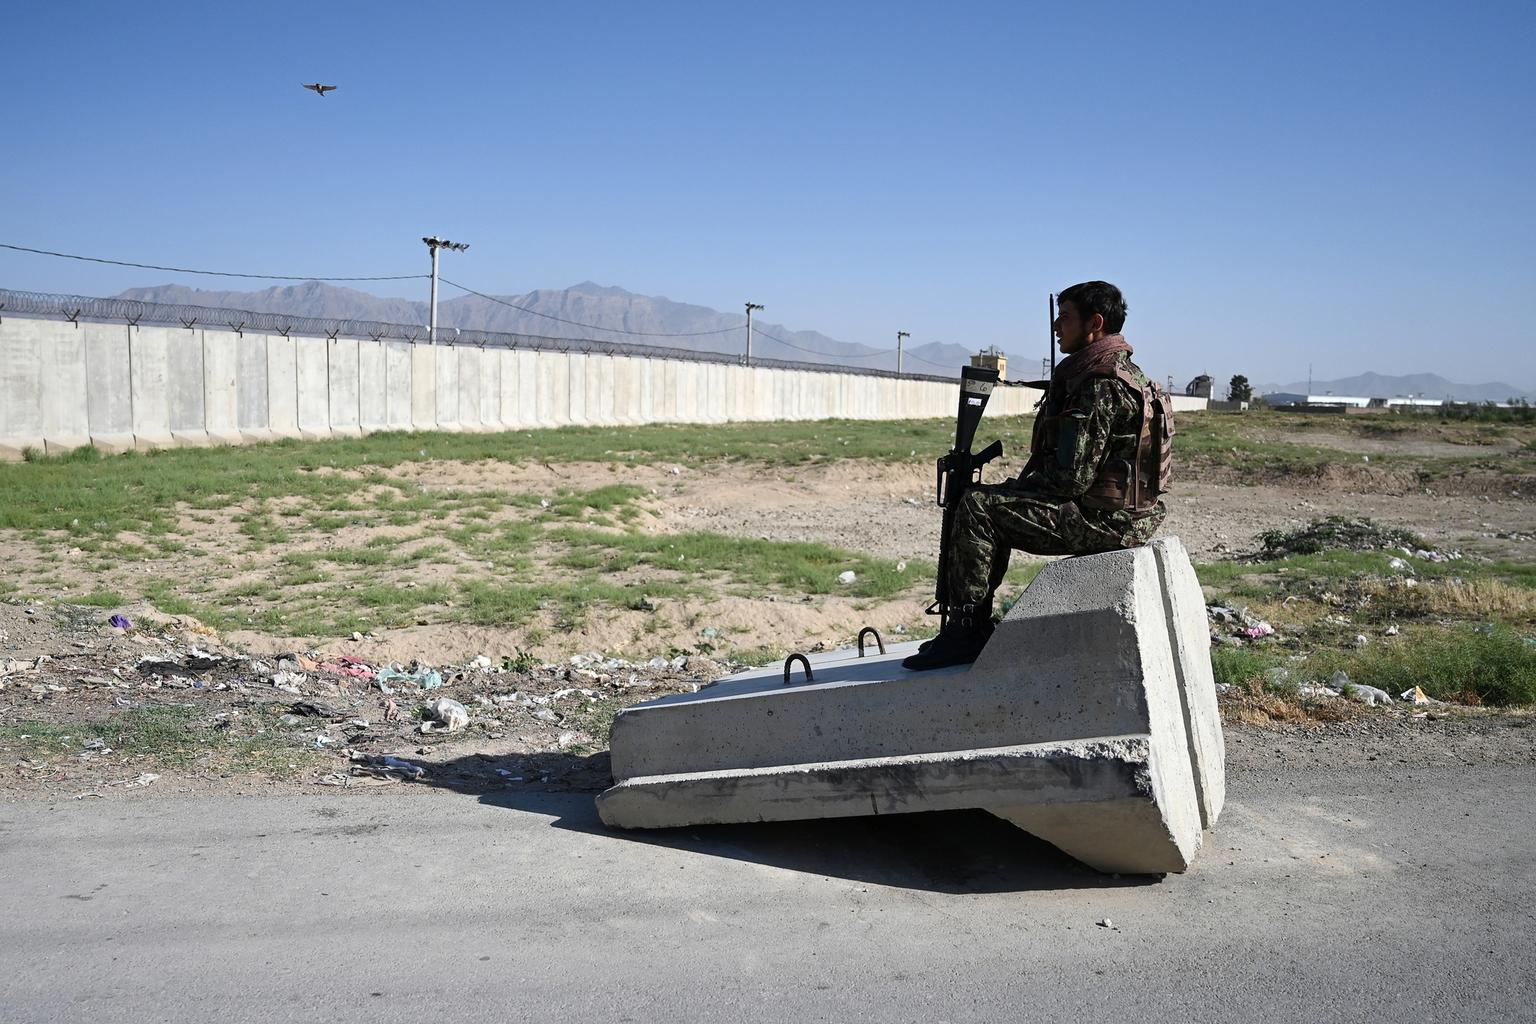 Az afgán nemzeti hadsereg egy katonája posztol egy ellenőrzőponton az amerikai hadsereg bagrami katonai bázisa közelében 2021. július 1-én #moszkvater